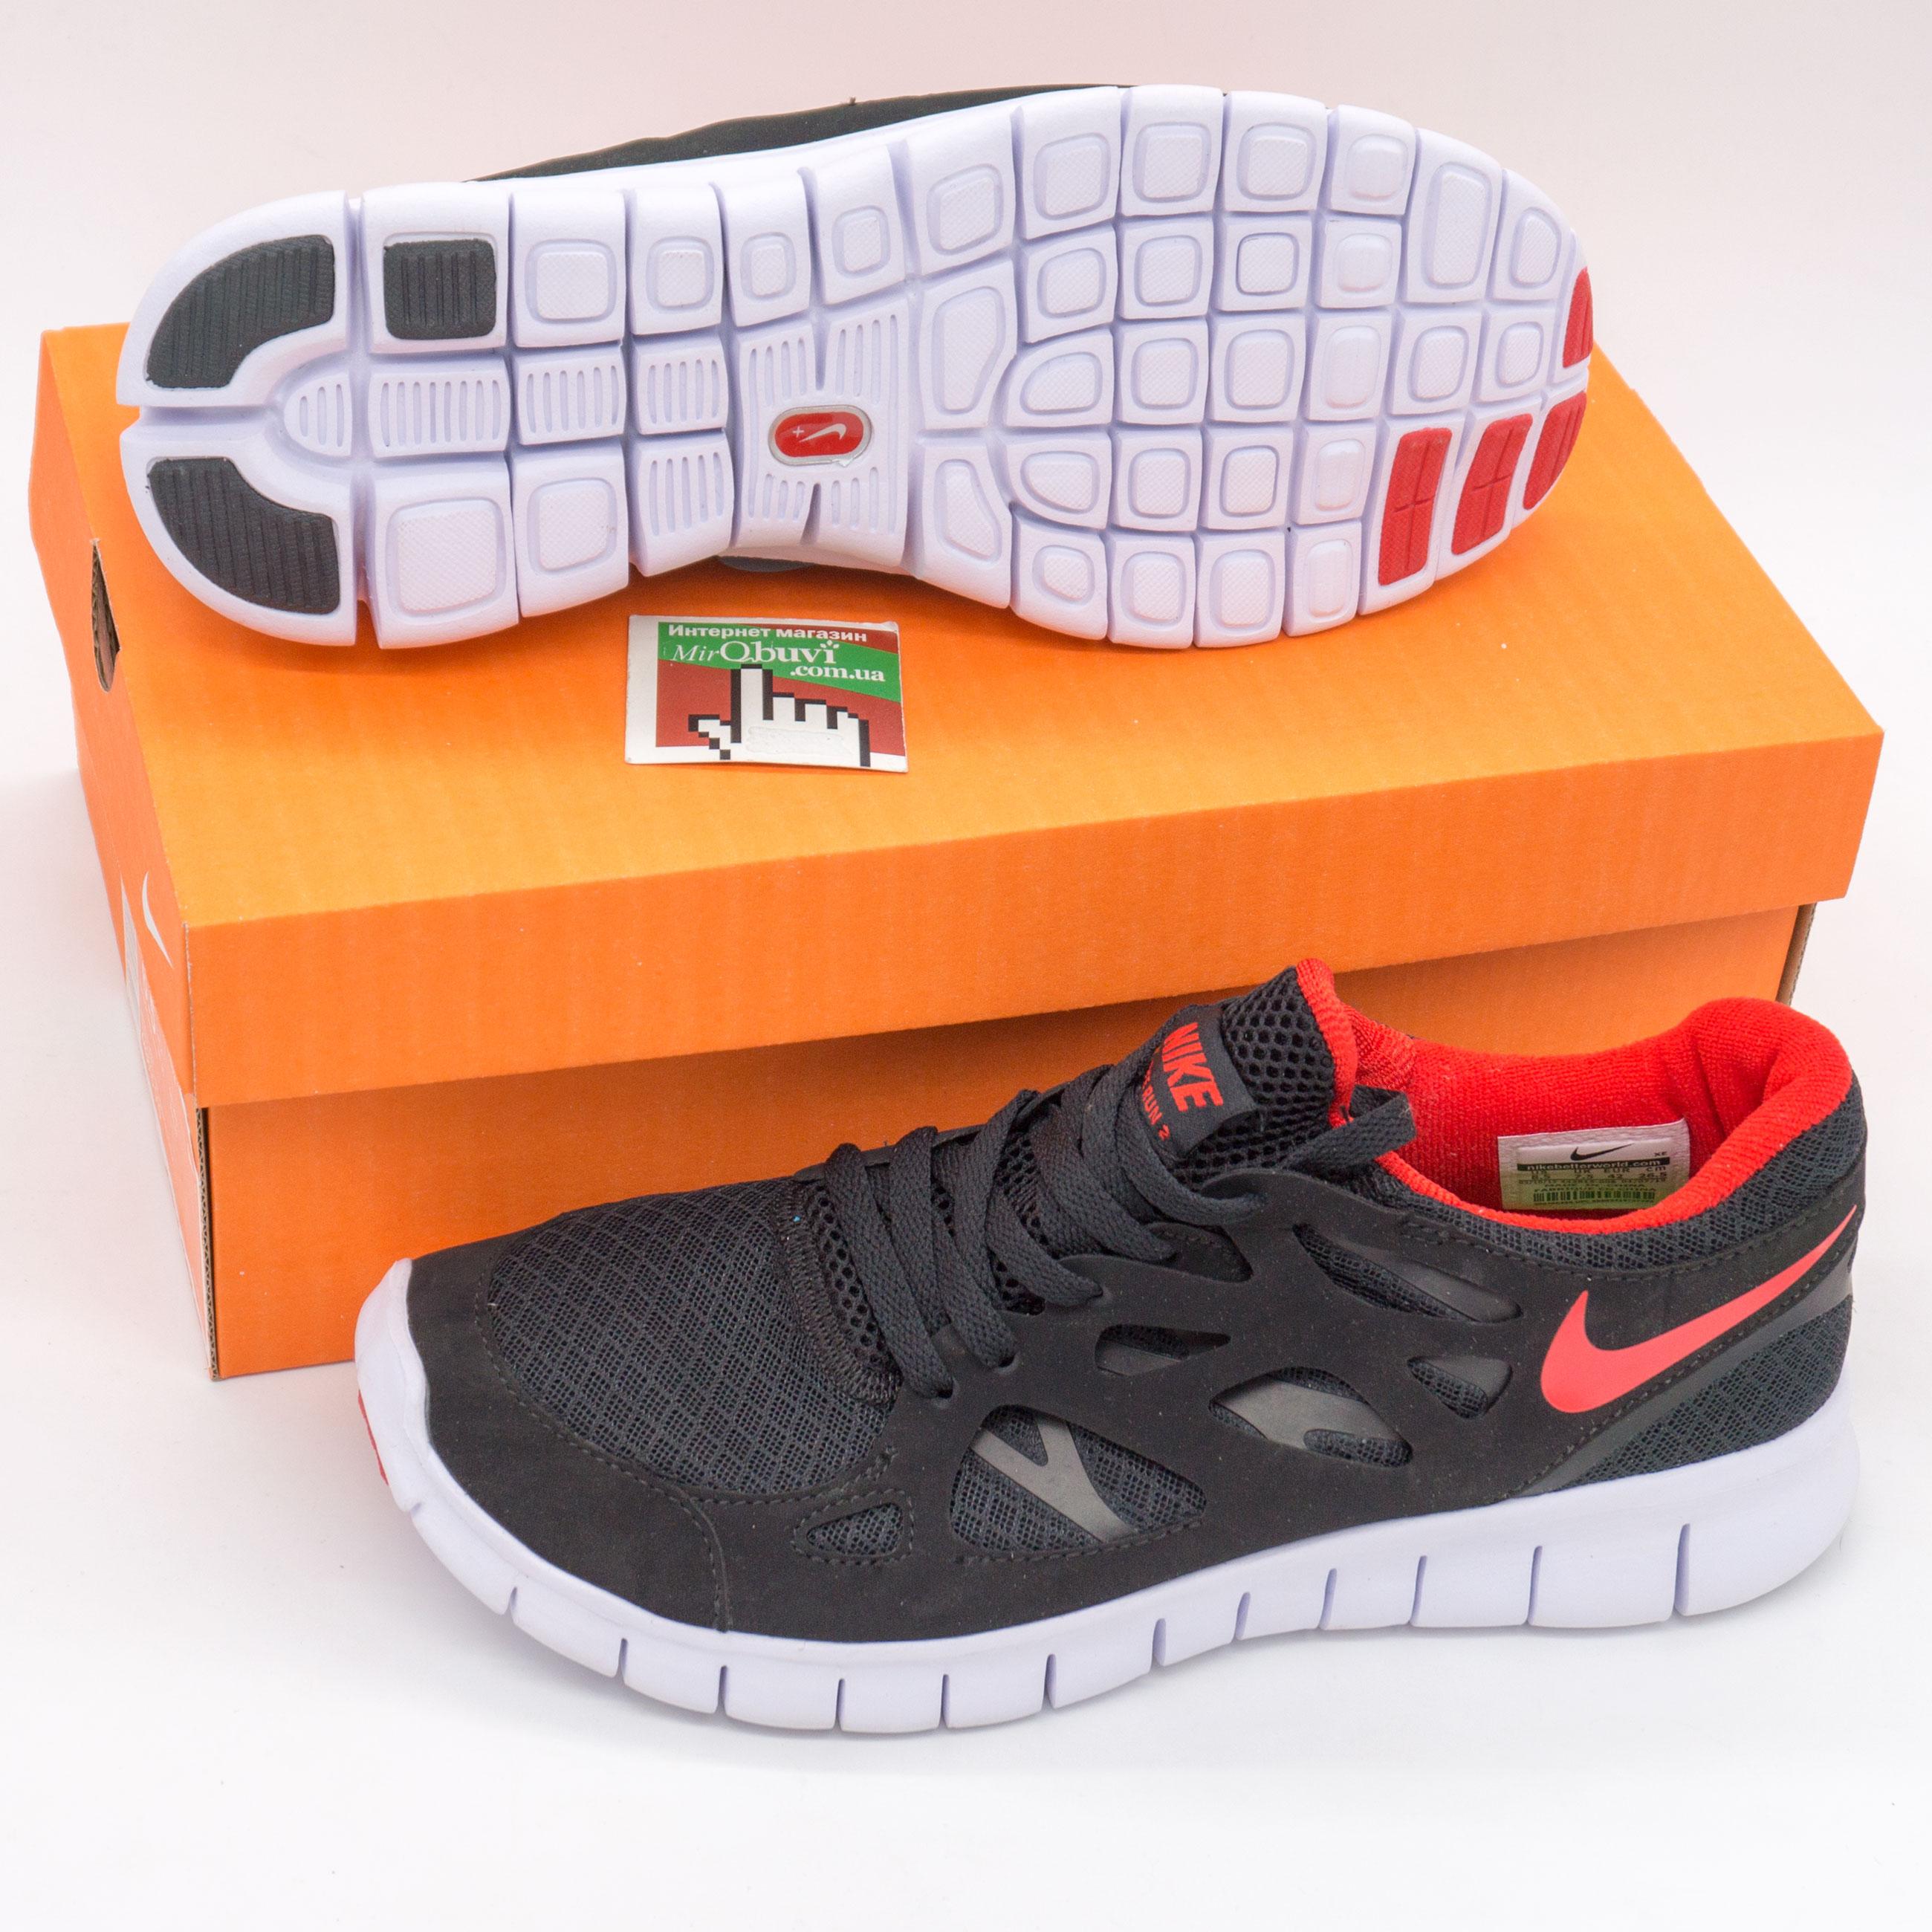 фото bottom Кроссовки для бега Nike Free Run 2 Найк Фри Ран, черные с красным bottom